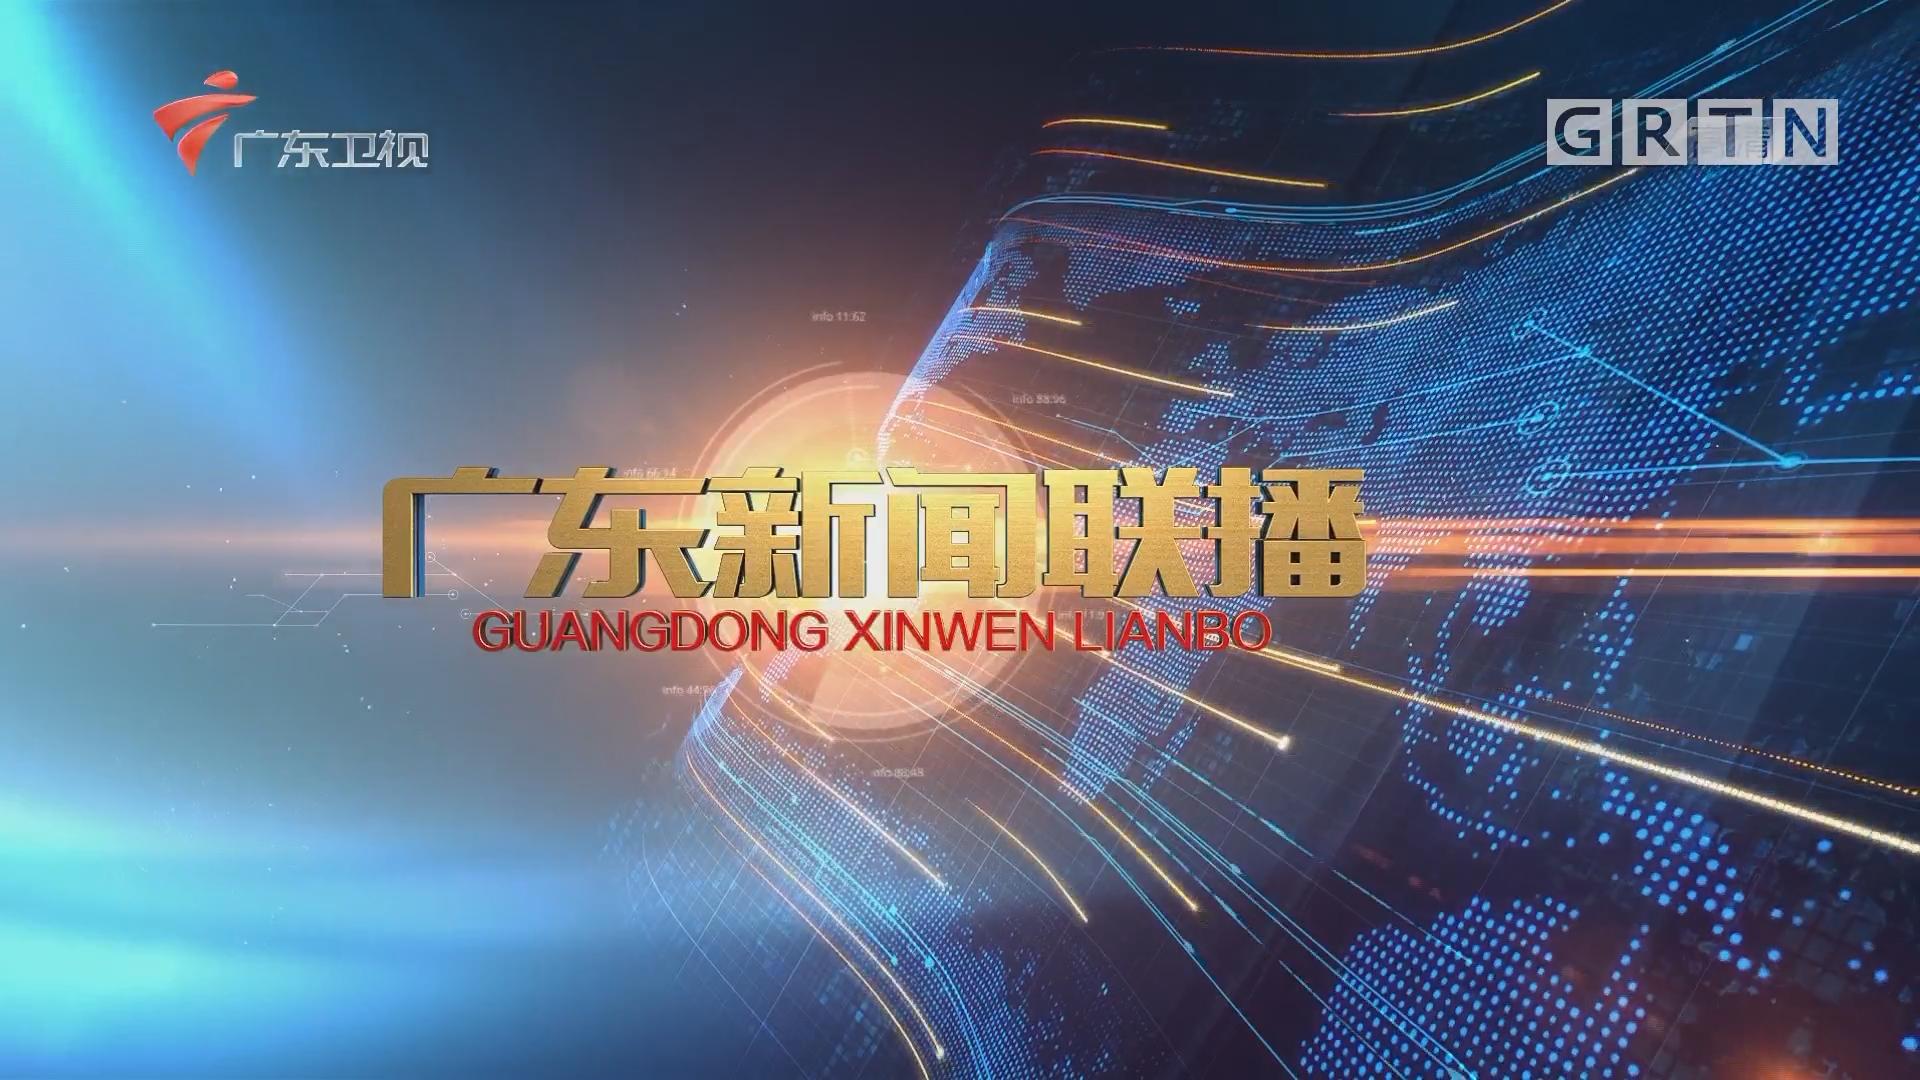 [HD][2018-05-18]广东新闻联播:多措治水提质攻坚 全面提升生态环境